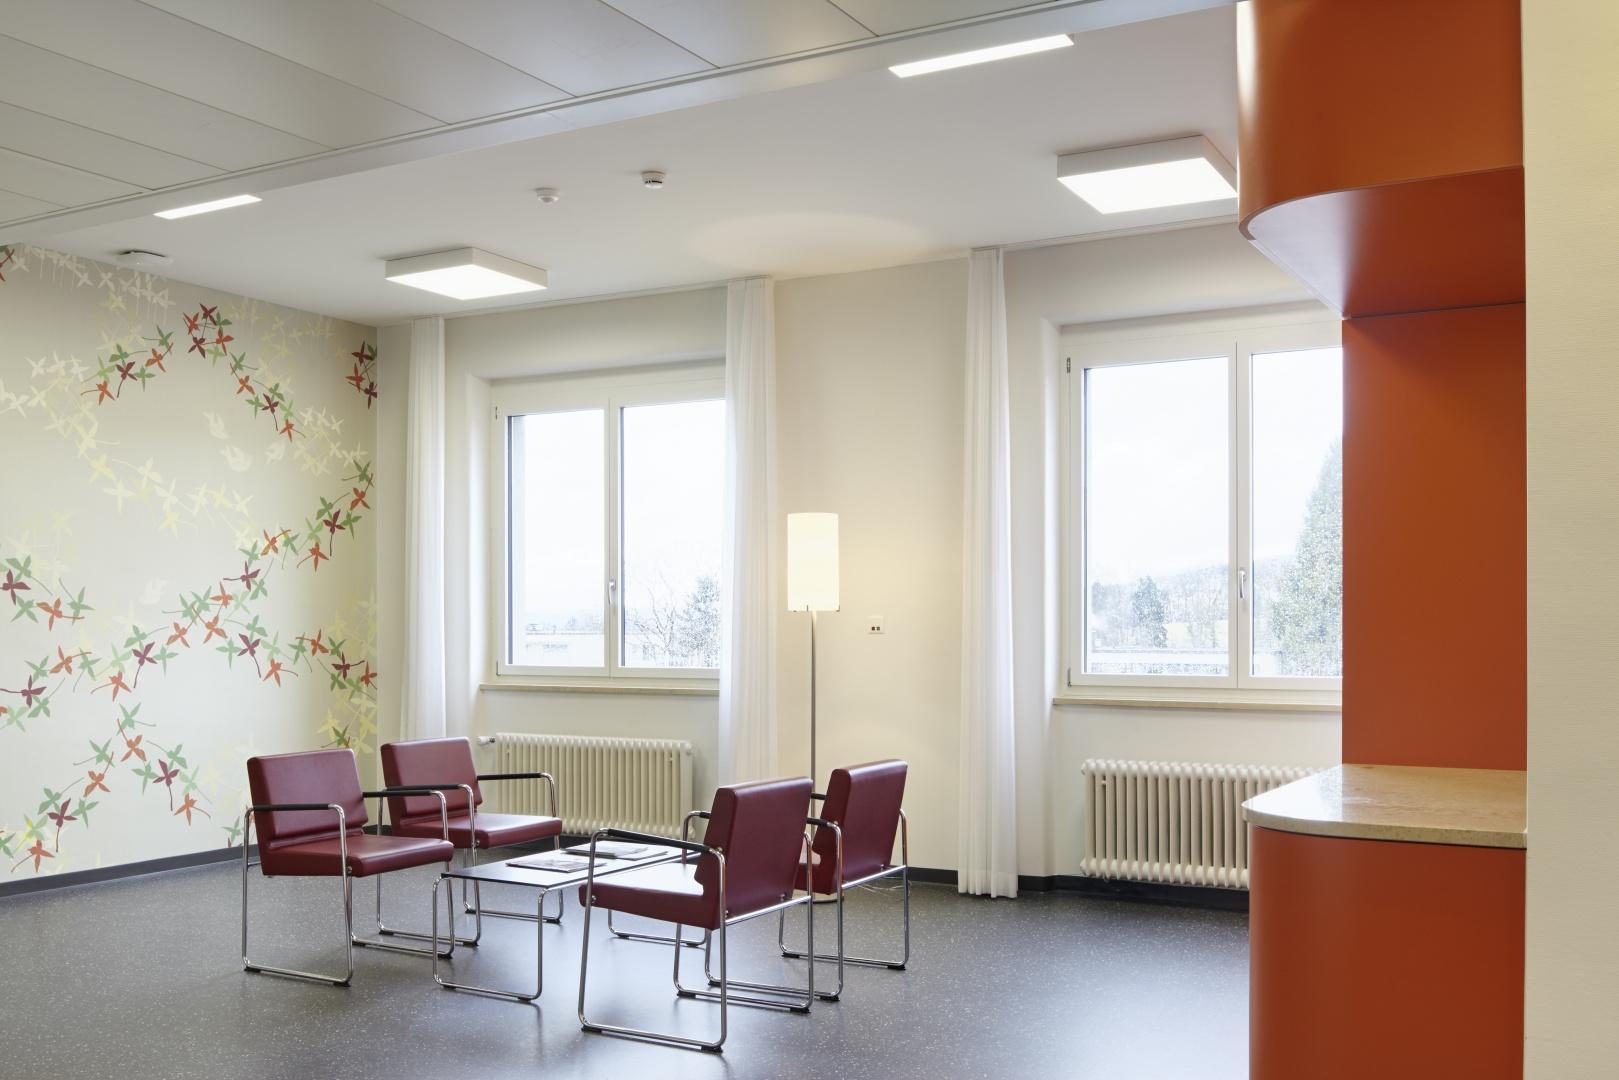 Nische auf Pflegestation © Hannes Henz, Zürich